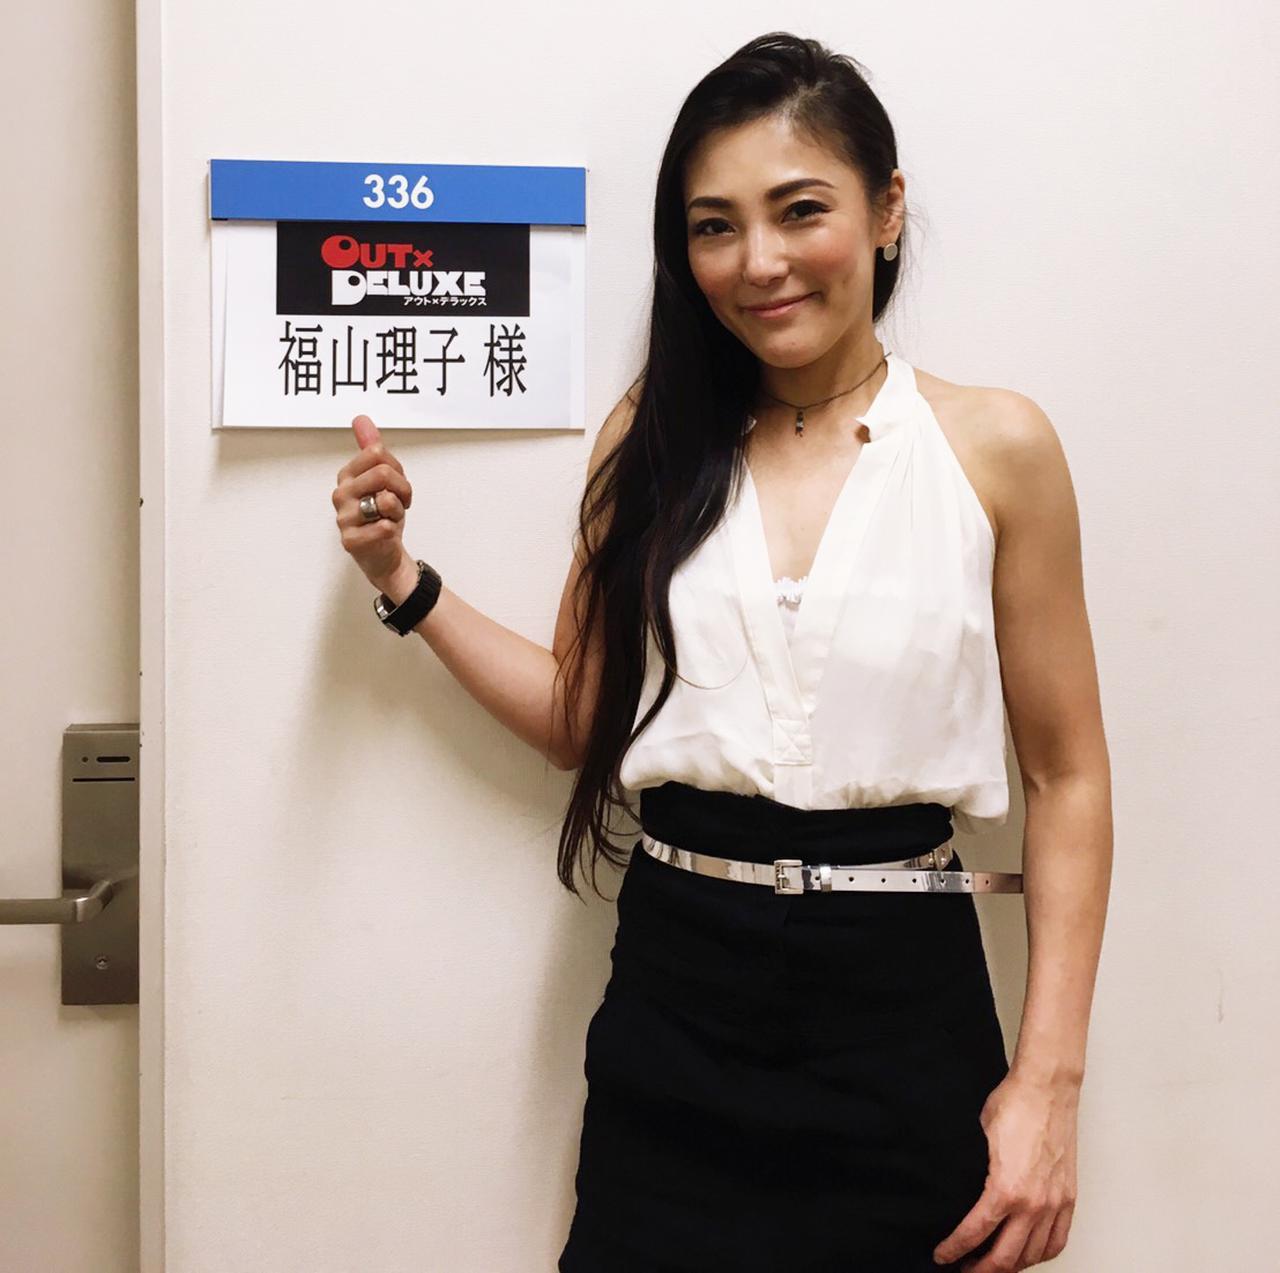 画像: 【編集部より緊急告知】福山理子さんがフジテレビの「アウト×デラックス」に出演します!